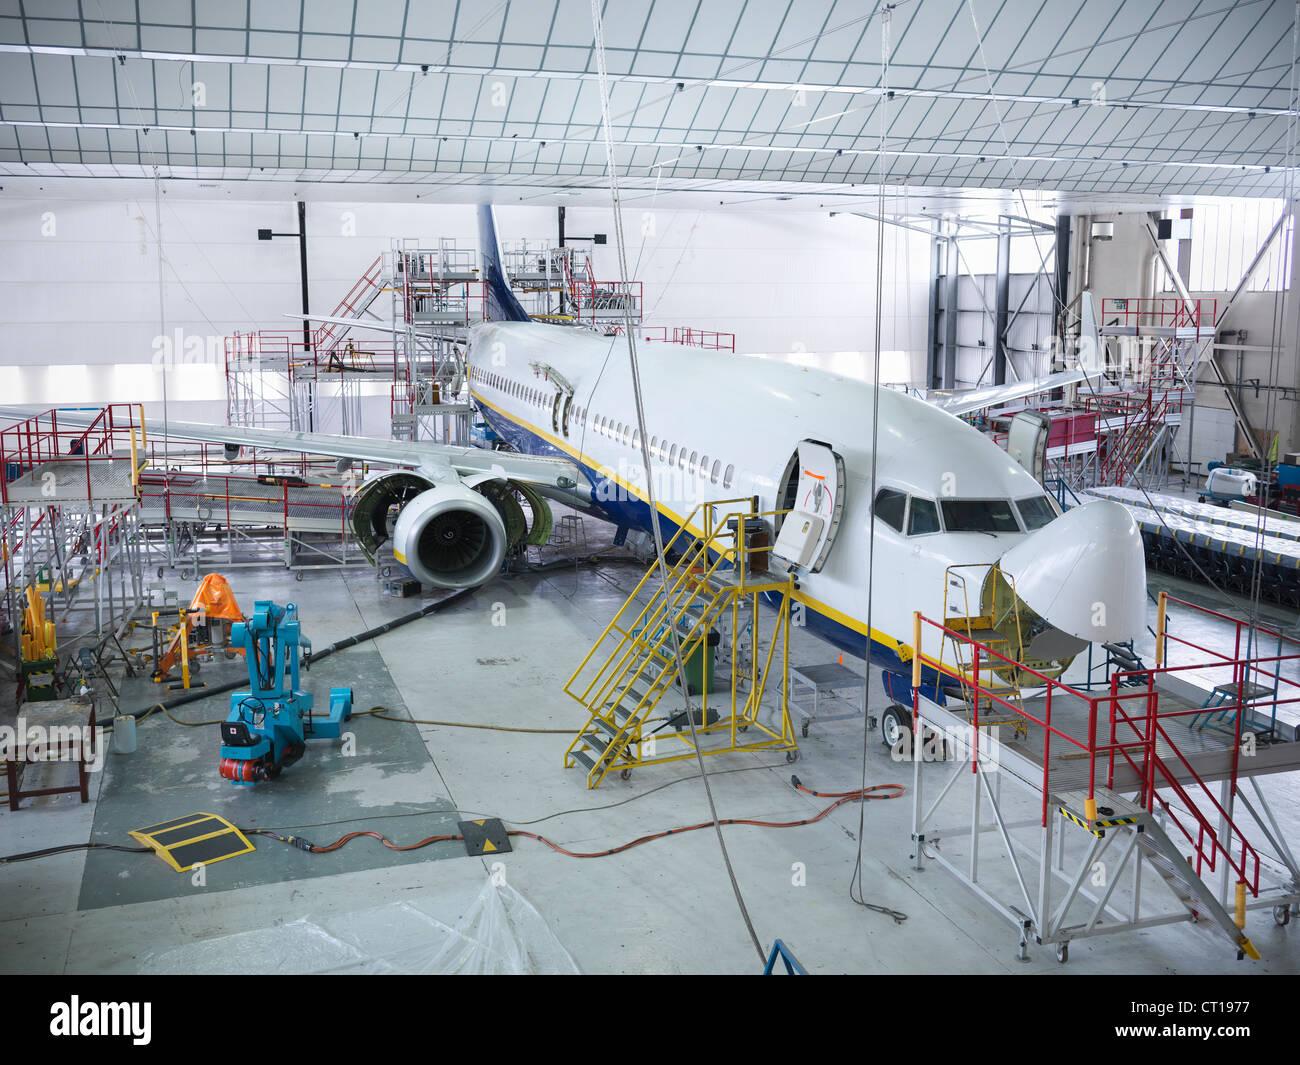 Airplane built in hangar - Stock Image